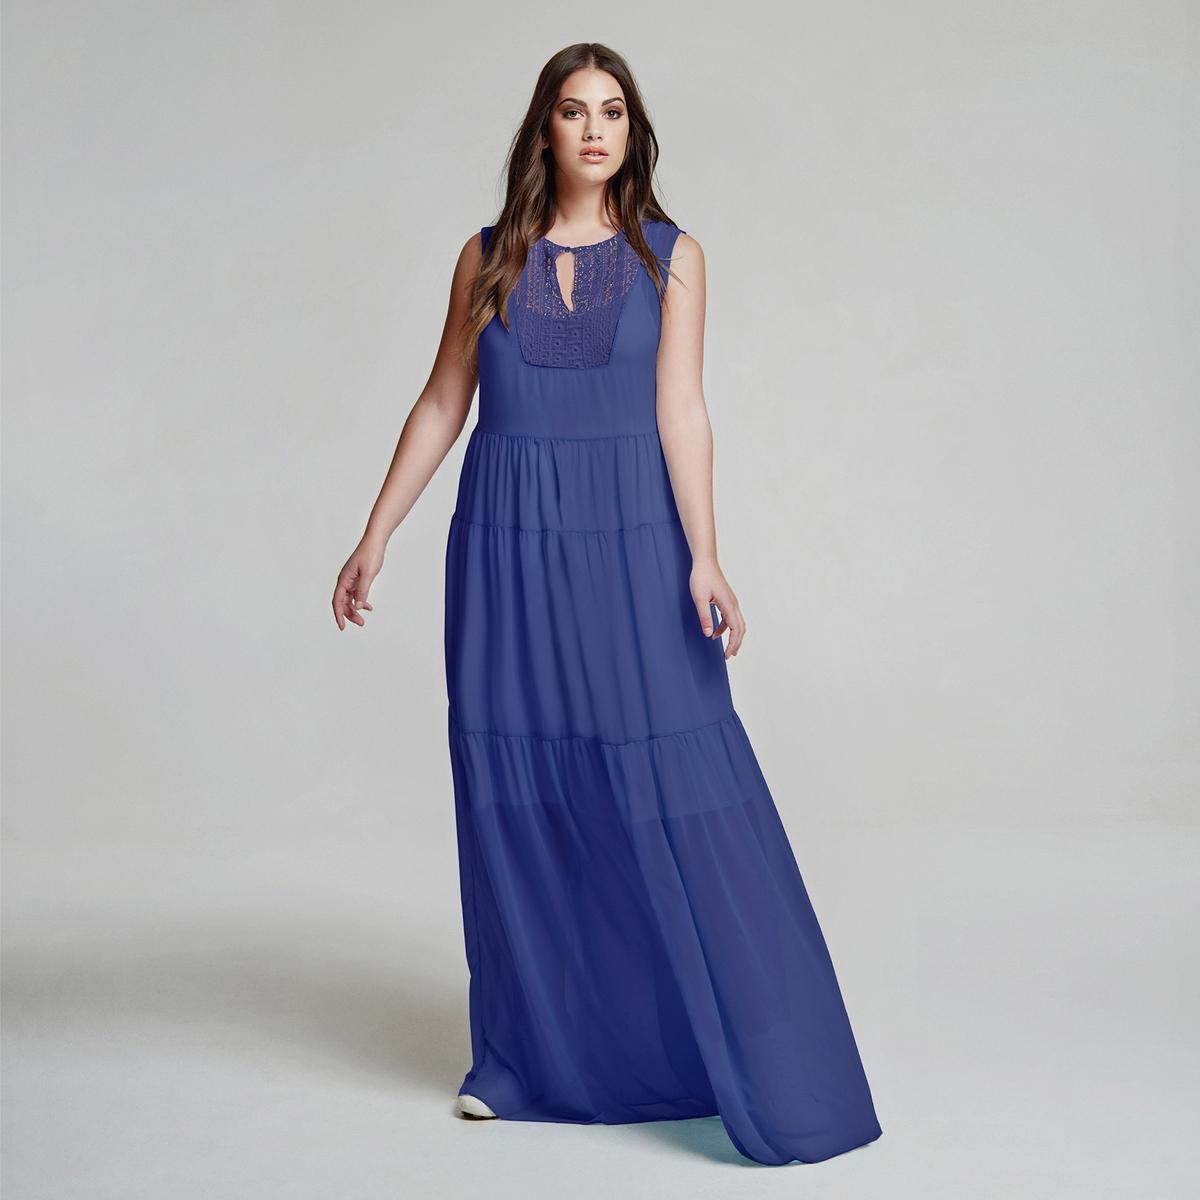 ПлатьеПлатье-макси MAT FASHION. Длинный расклешенный покрой, из прозрачной ткани на подкладке в виде слегка окрашенной длинной камисоли. Без рукавов. Закругленный вырез с завязками с бахромой. Вязка крючком спереди. 100% полиэстер<br><br>Цвет: синий<br>Размер: 48/50 (FR) - 54/56 (RUS)